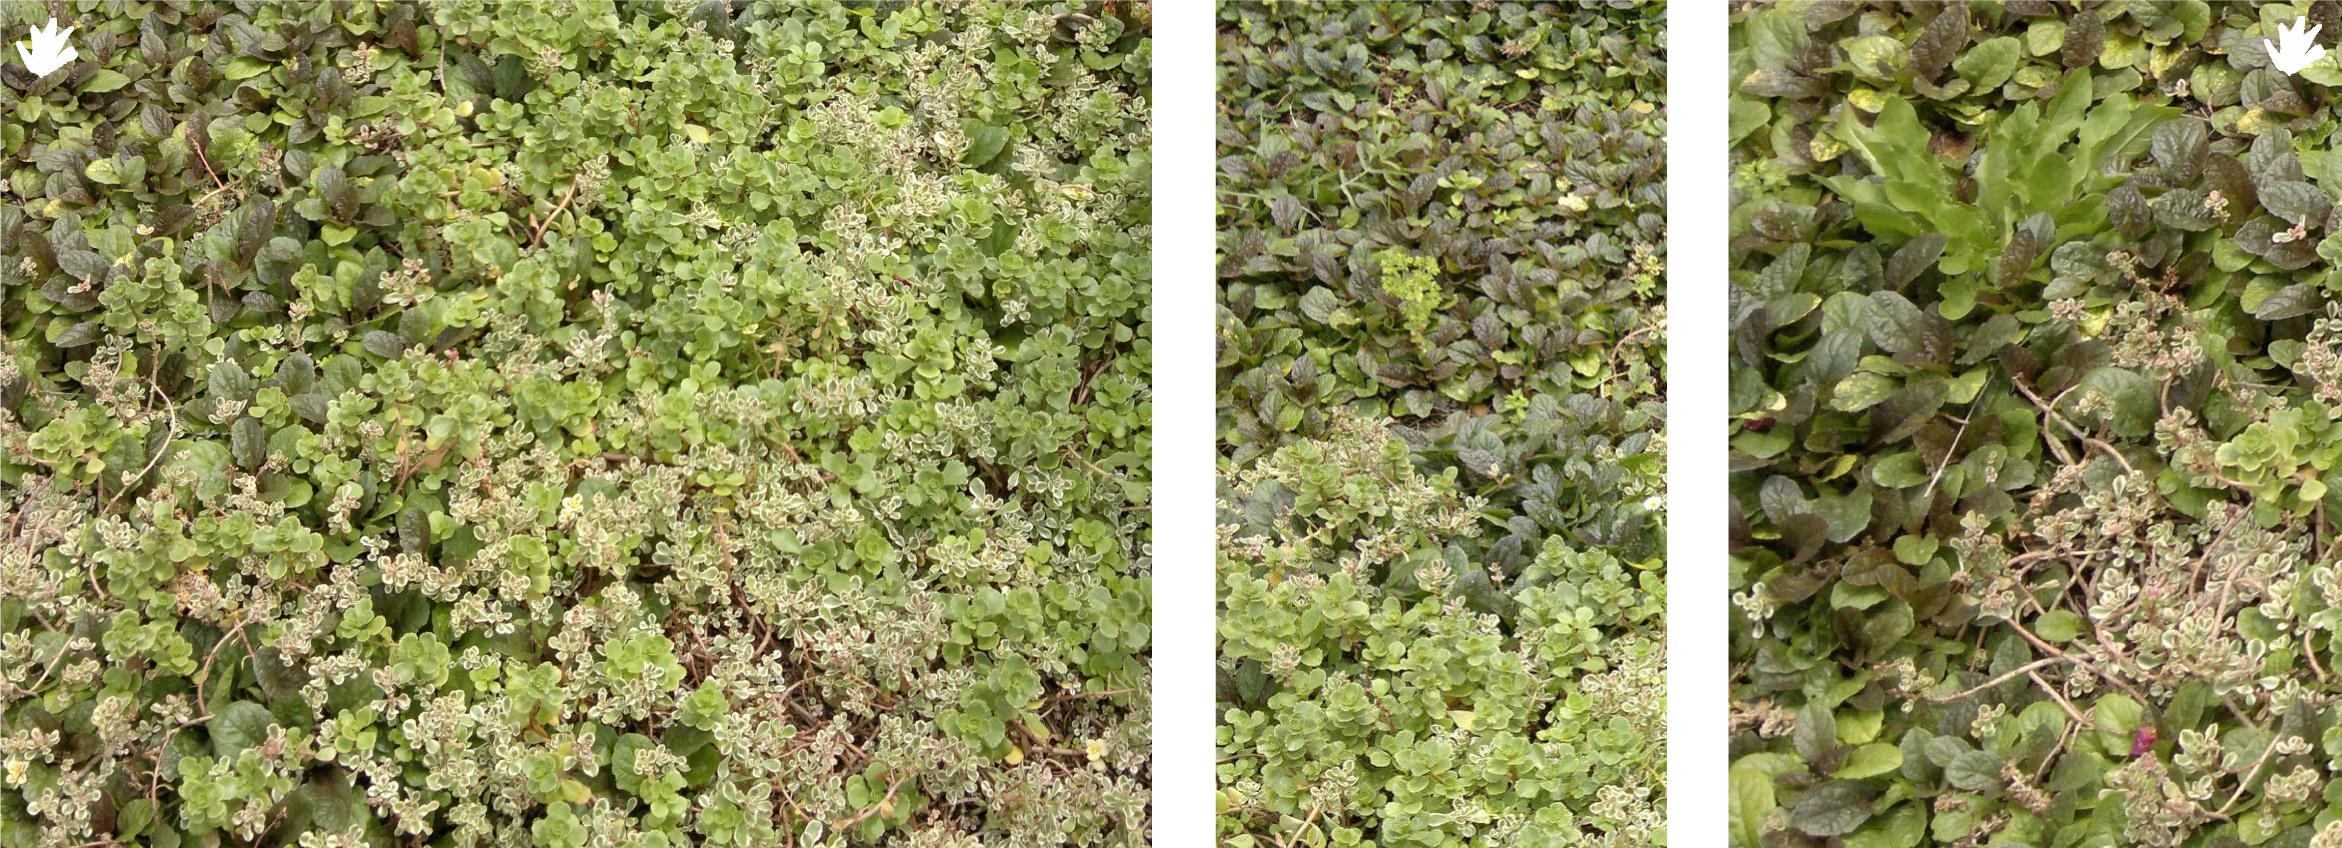 está composición de sedum spurium tricolor con otro tipo de planta